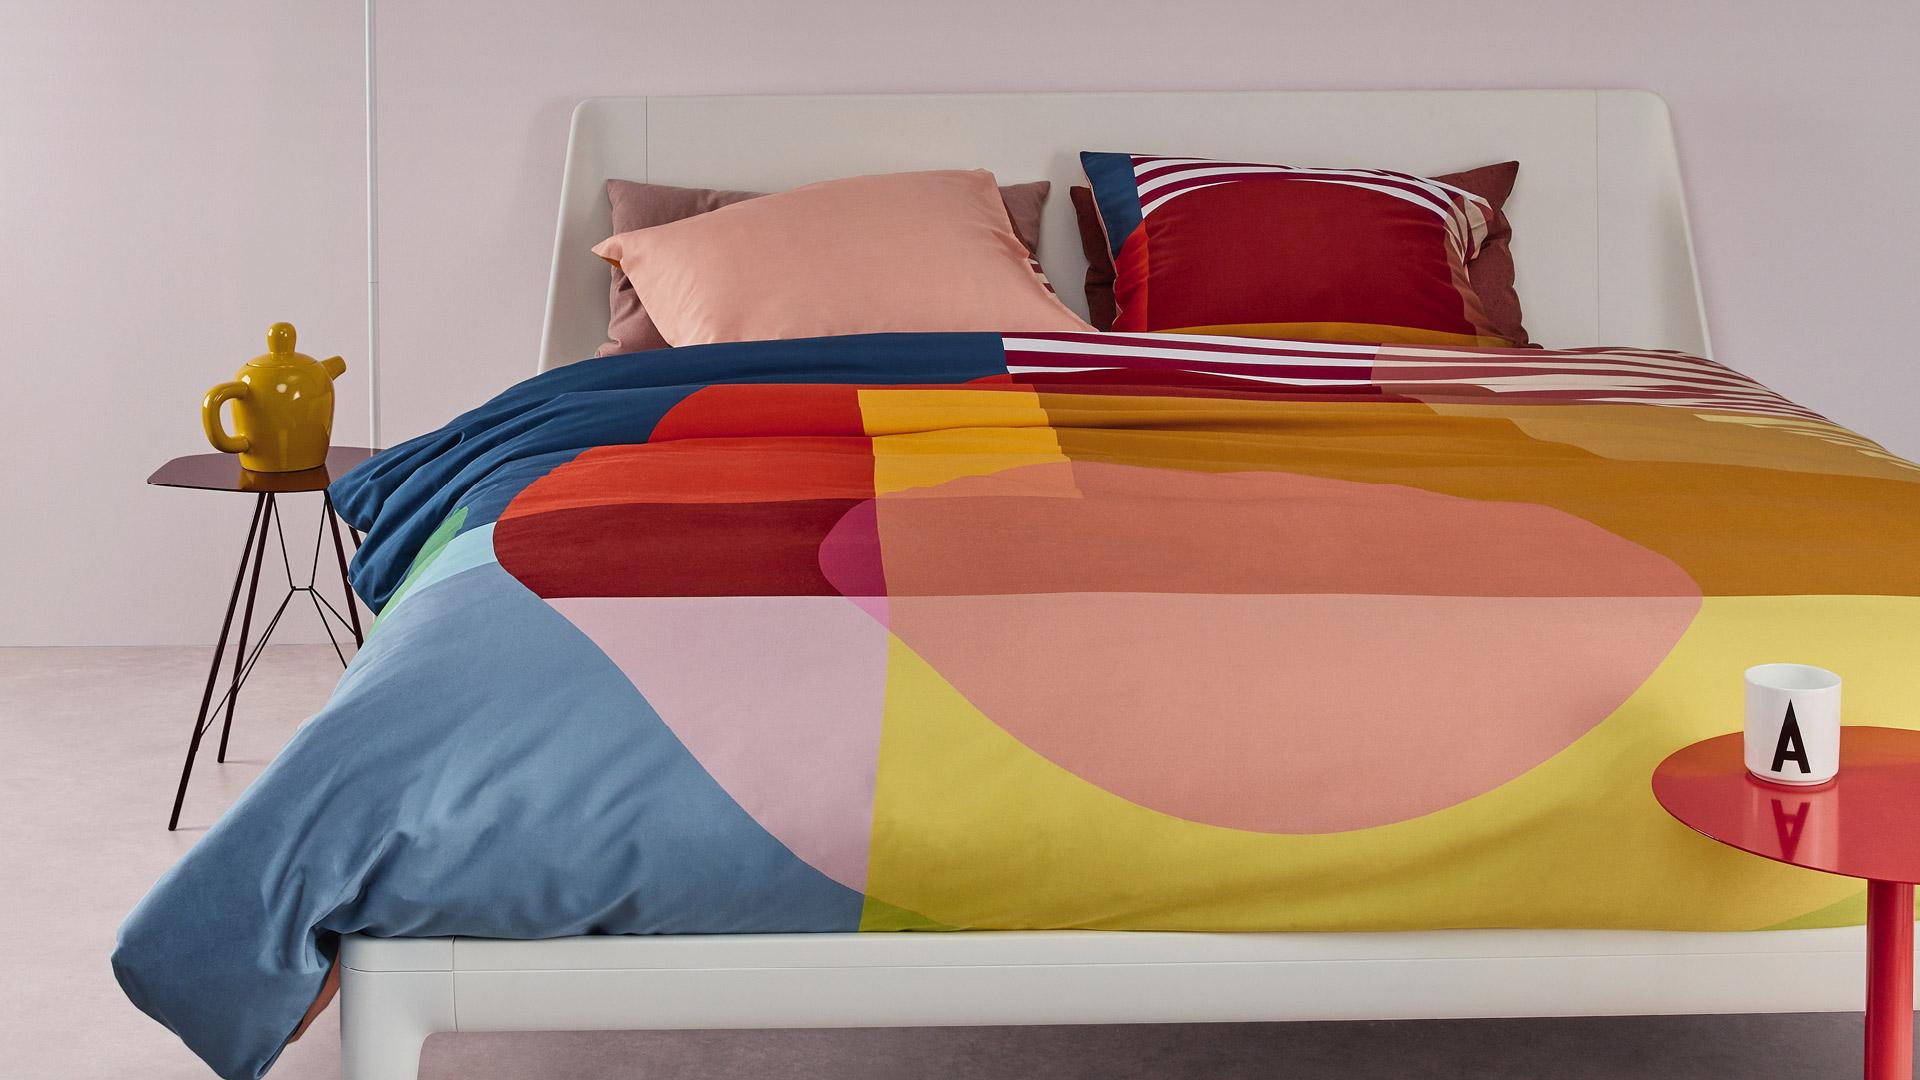 ערכת שינה בעלת קווים נקיים ומעוגלים ובמנעד של צבעים וסגנונות לבחירה, Auping Essential יכולה לתת נגיעה של עיצוב בכל חדר שינה. הנדסת השינה של Auping בטוויסט חדשני וצעיר ובשימוש ב-100% חומרים מתכלים, לשינה בריאה, נוחה וידידותית לסביבה.